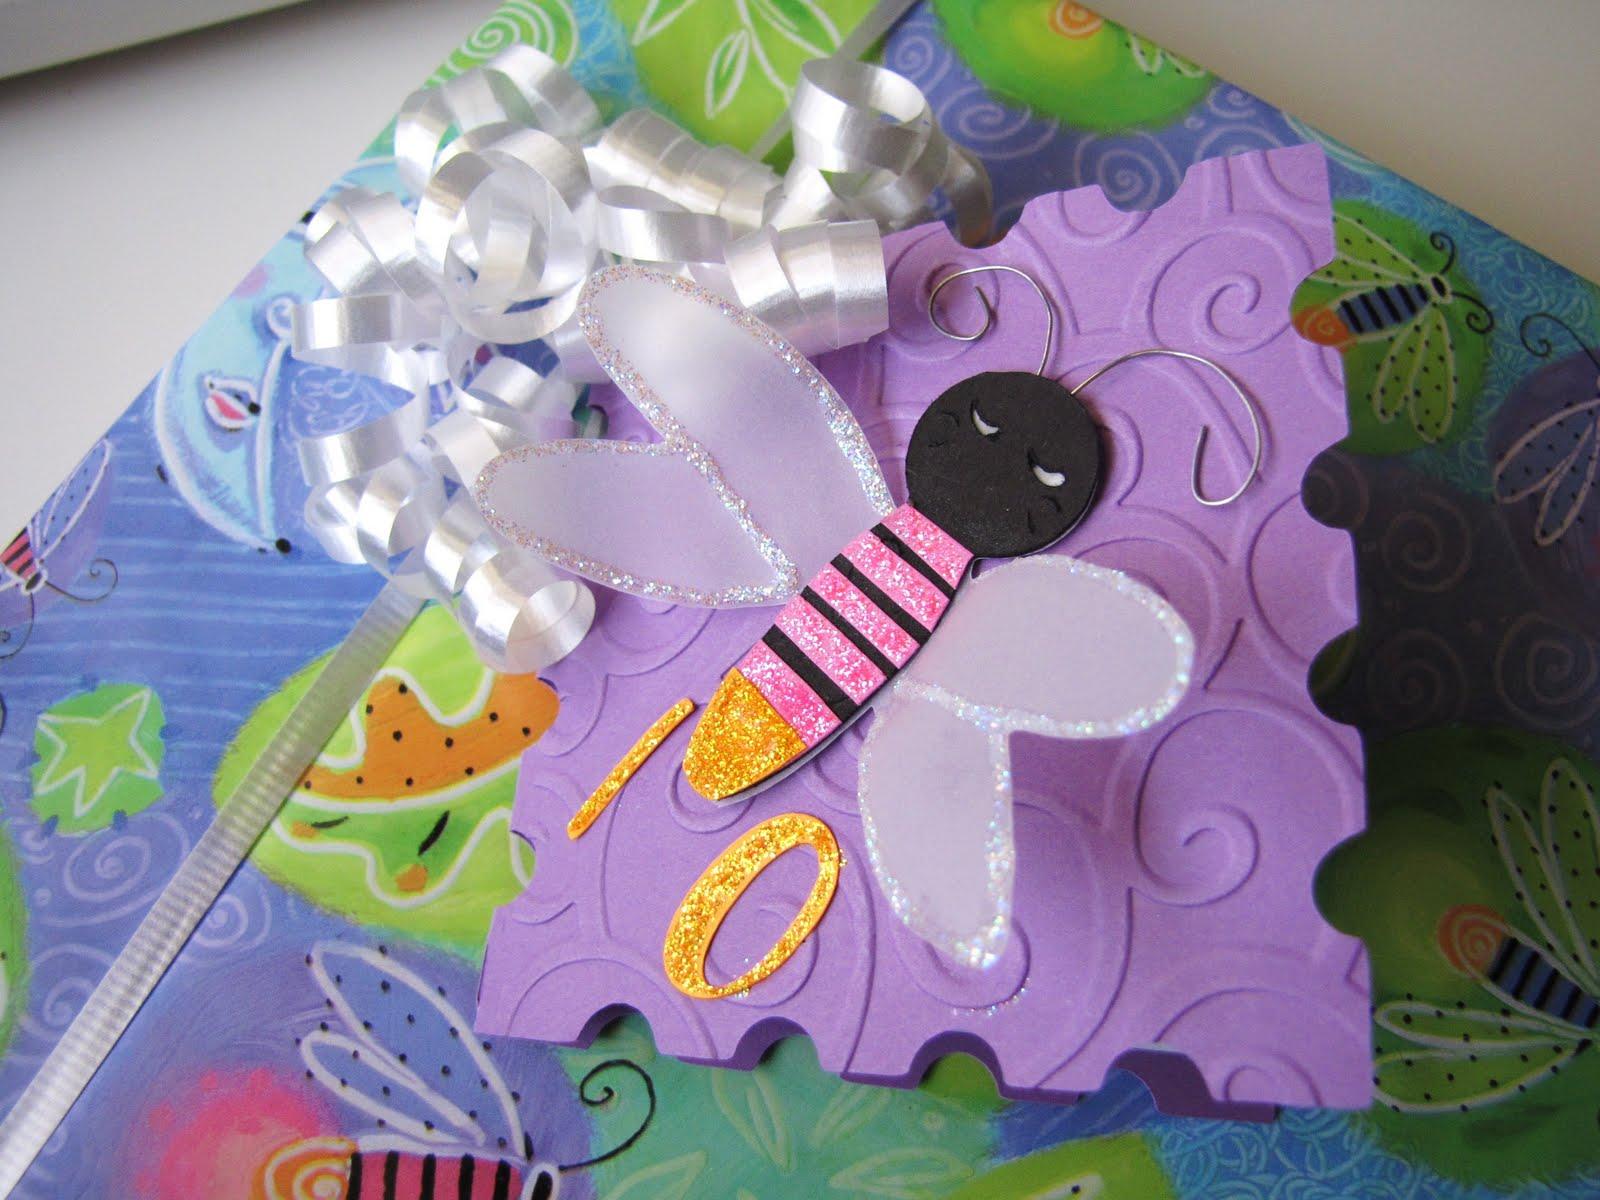 http://3.bp.blogspot.com/-zzHAuUkS4GU/TaZBngQic2I/AAAAAAAAANQ/leaeFvwhuF8/s1600/Megan+10th+Birthday+Card+2011.JPG